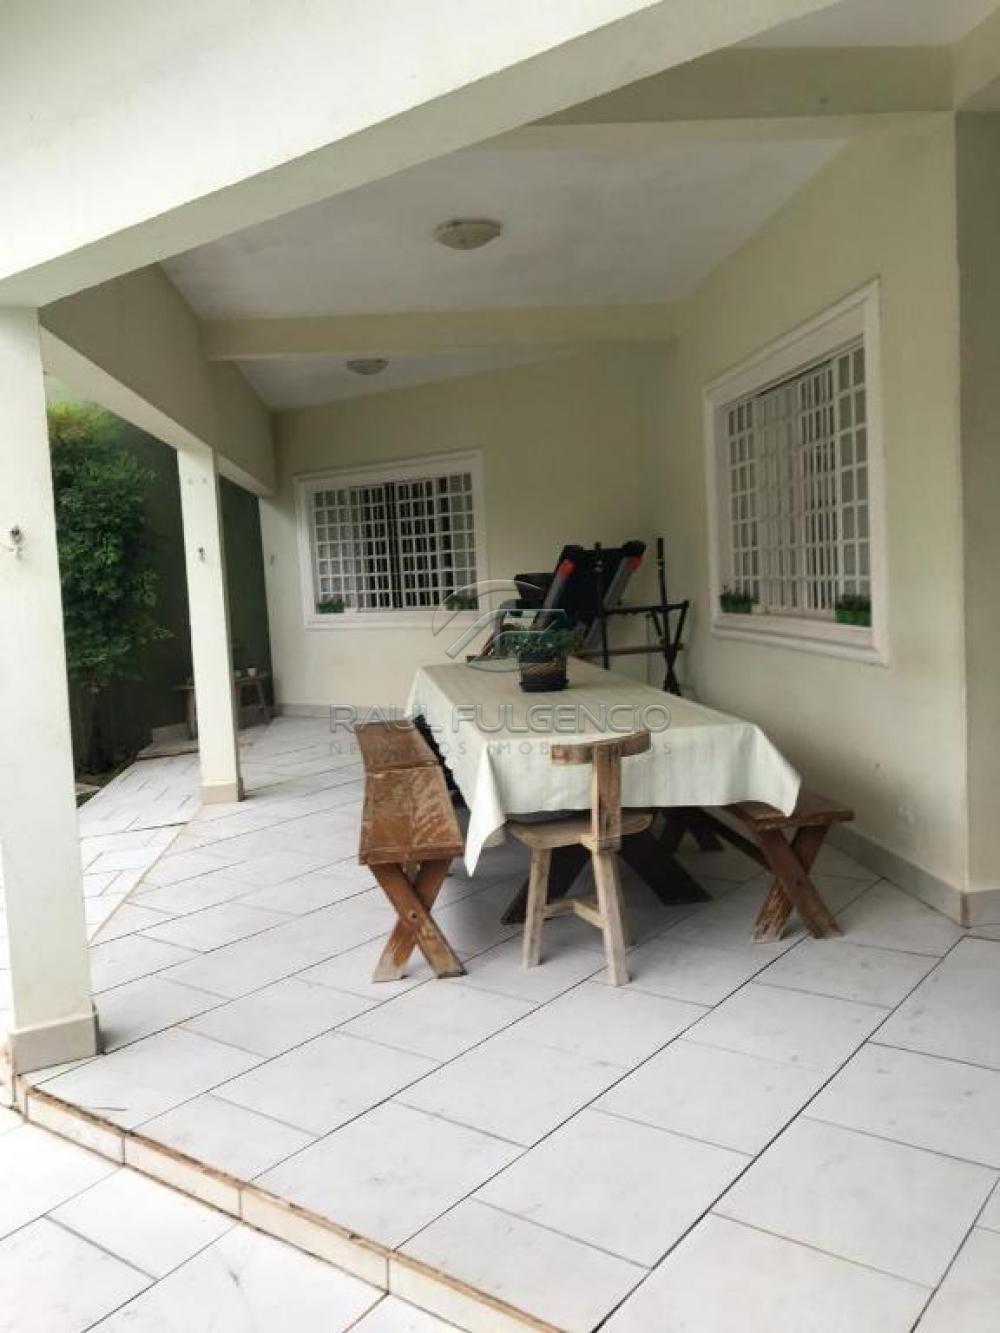 Comprar Casa / Sobrado em Londrina apenas R$ 750.000,00 - Foto 14